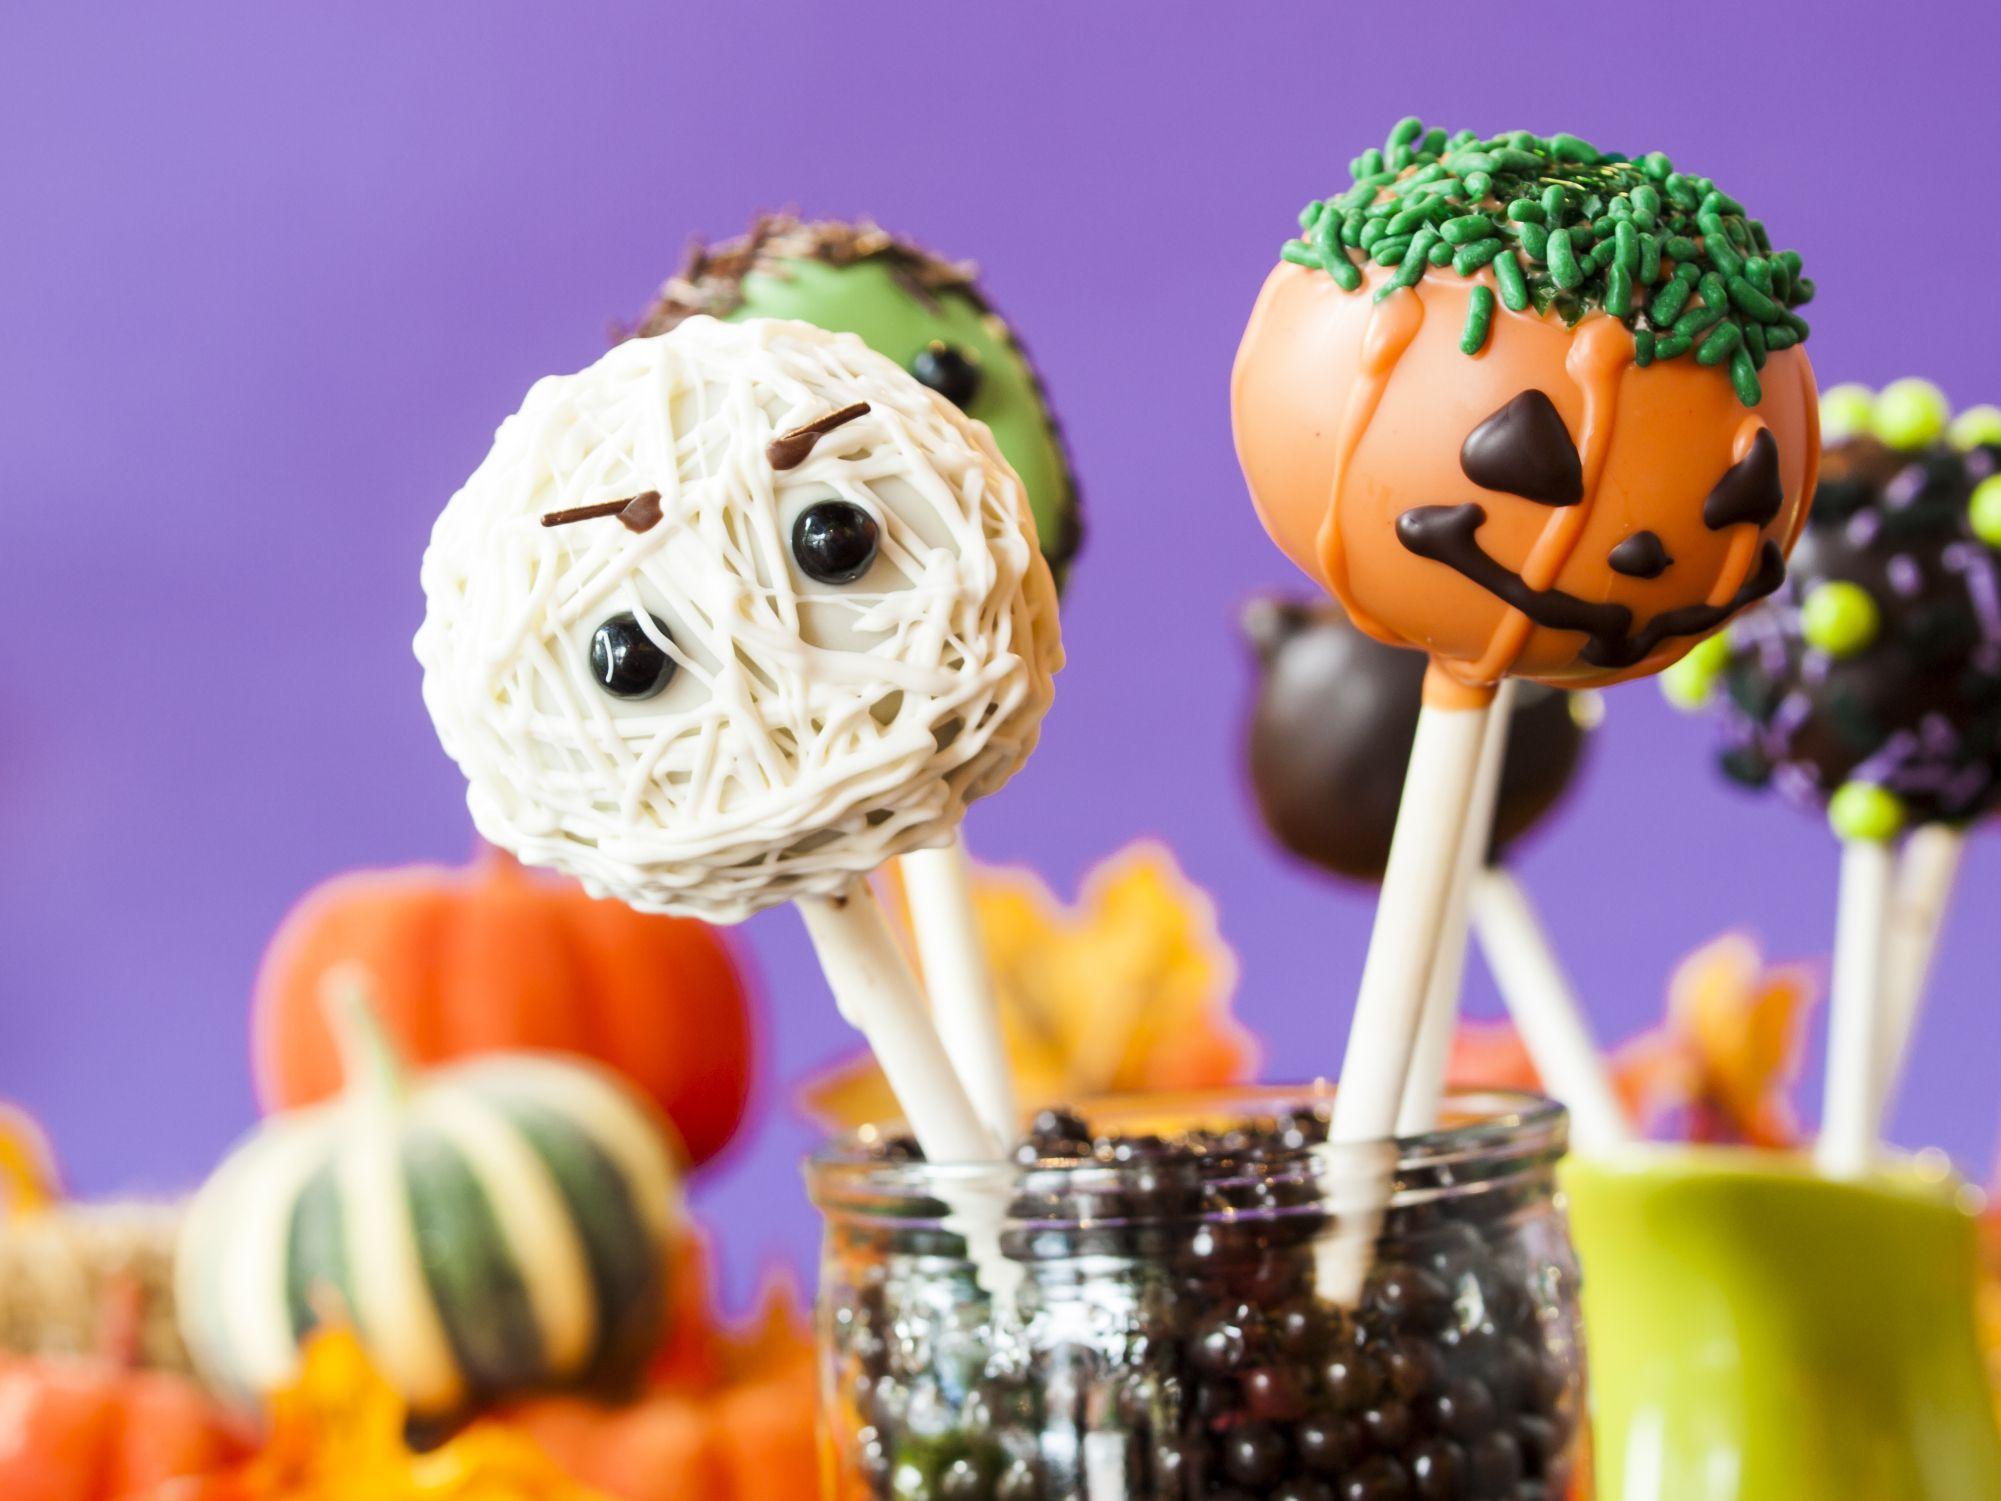 Los 20 dulces de Halloween más populares | eHow en Español